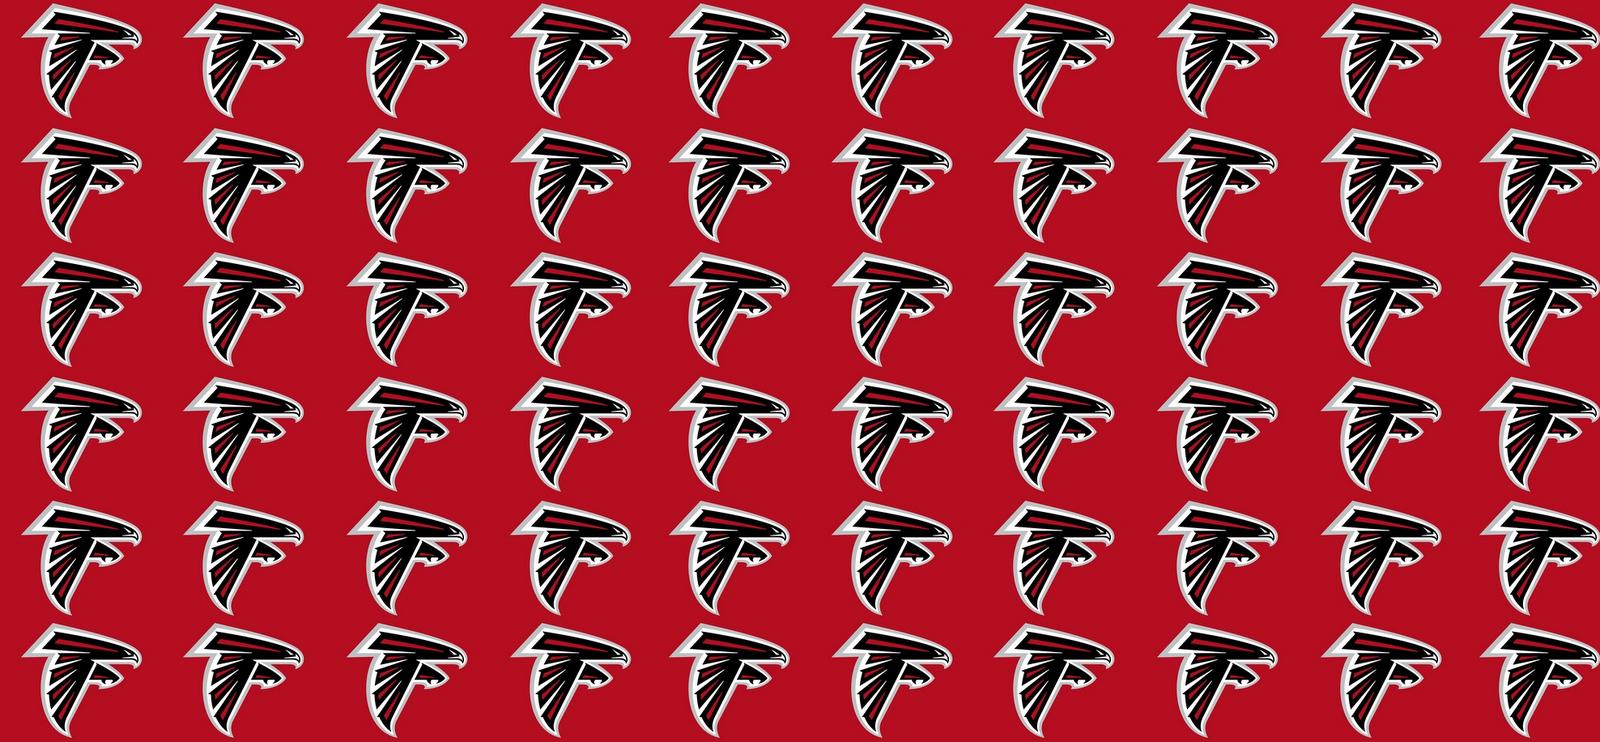 Atlanta Falcons Iphone Wallpaper Wallpapersafari Atlanta: Atlanta Falcons IPhone 5 Wallpaper